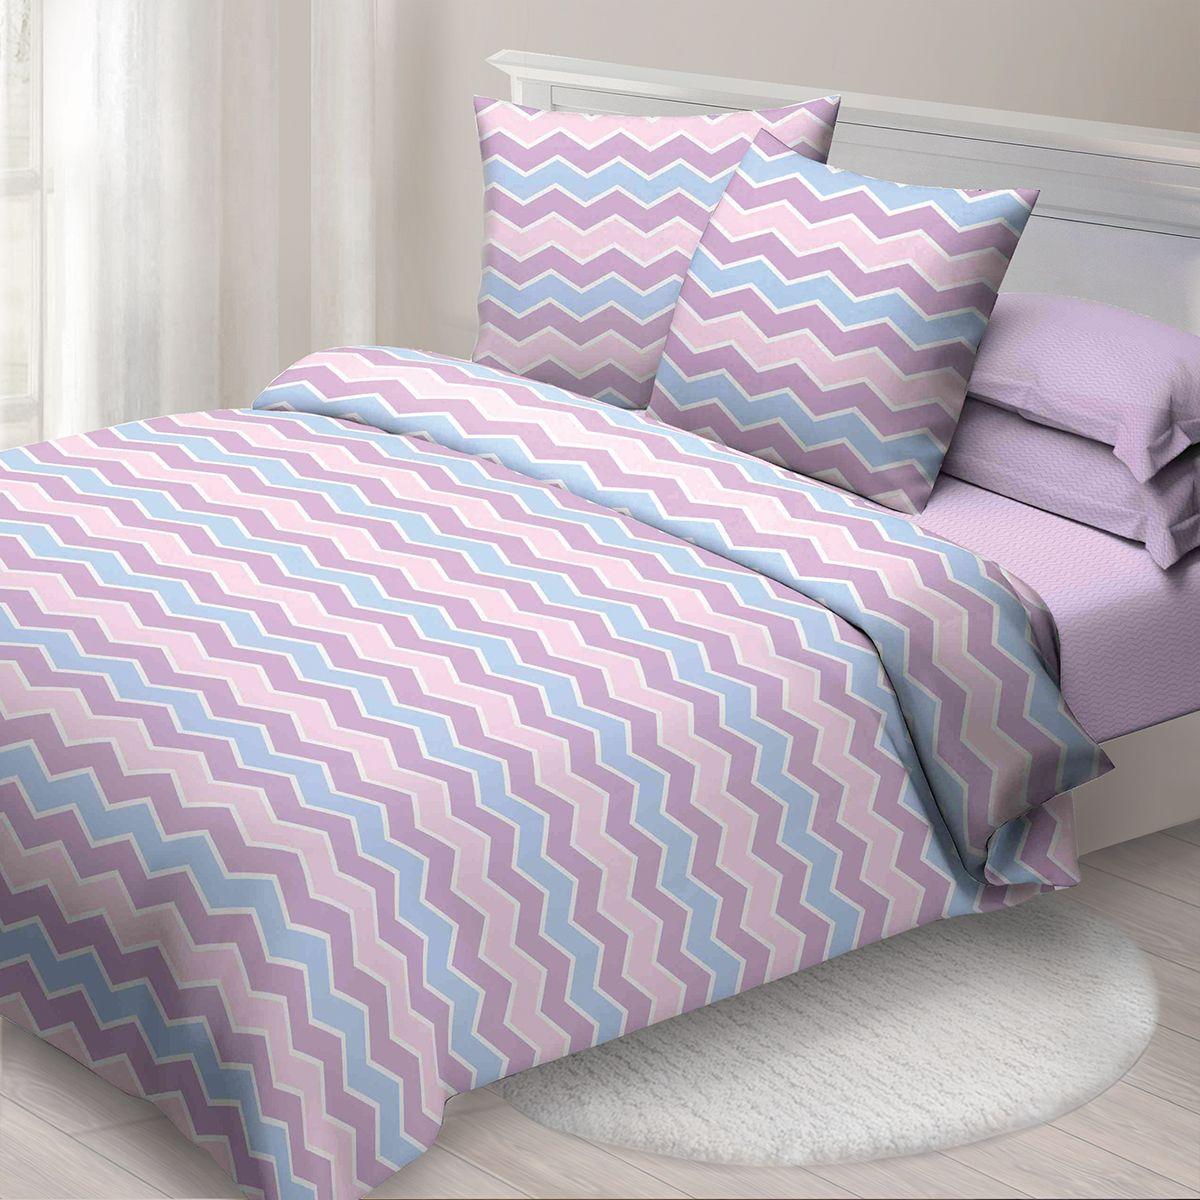 Комплект белья Спал Спалыч Лавандовые сны, семейный, наволочки 70x70, цвет: розовый. 4089-185090